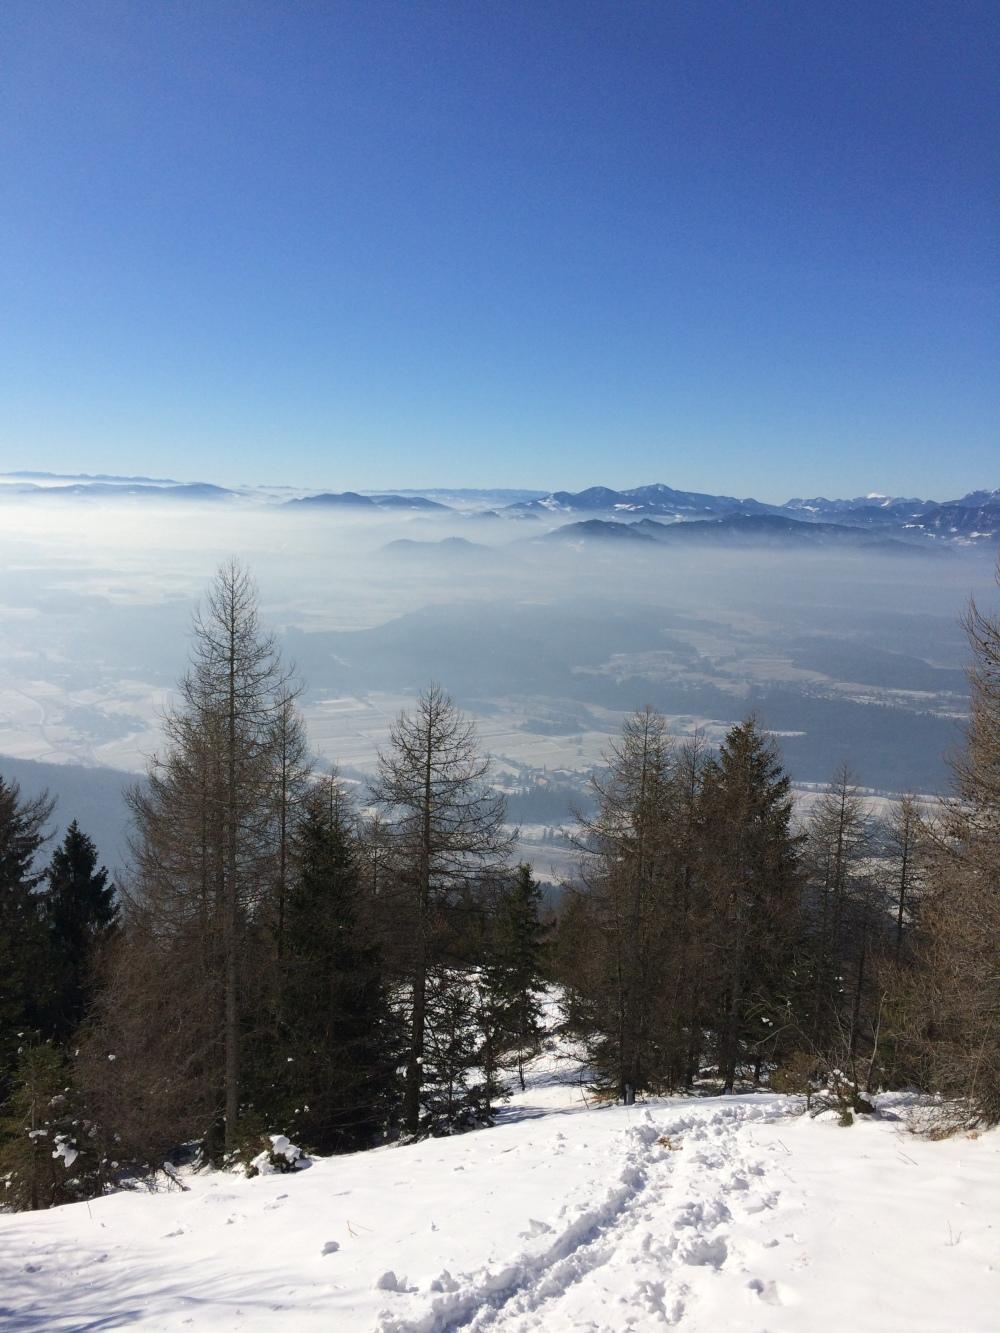 Photo 21-01-2017, 11 45 25 (1)